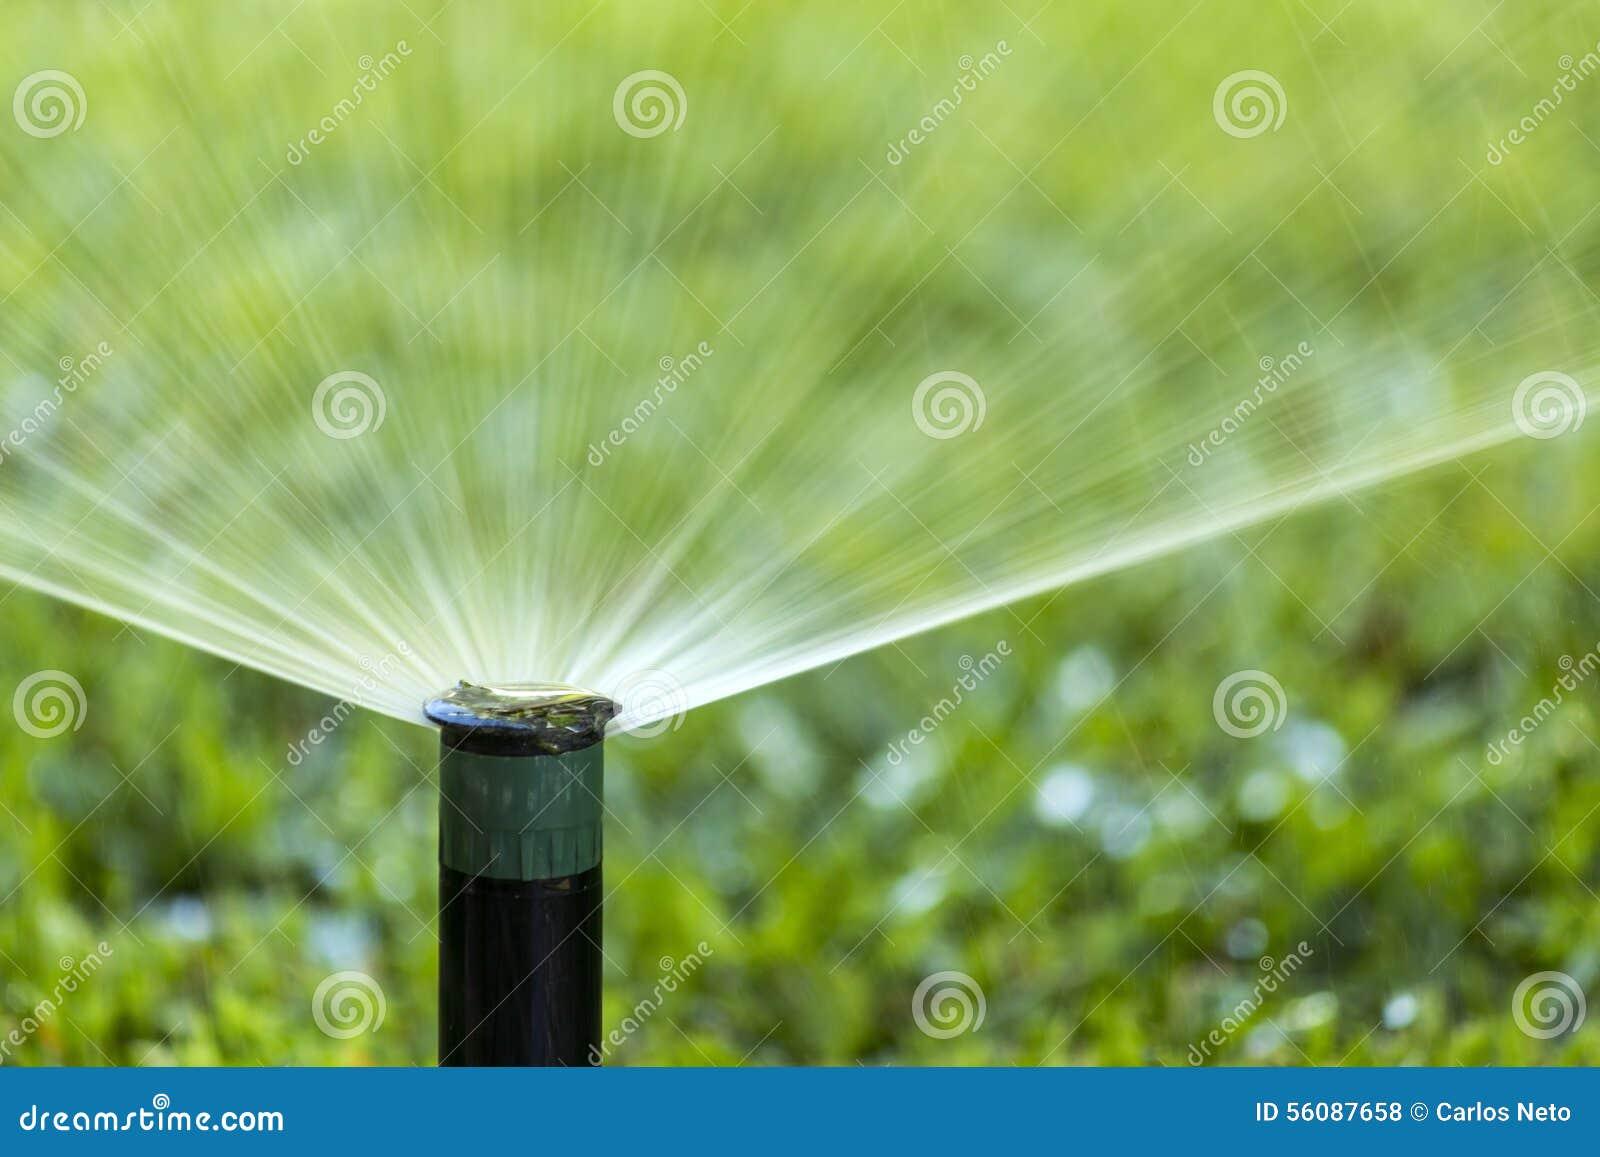 Pelouse de arrosage de jet de syst me d 39 irrigation de jardin photo stock - Systeme irrigation jardin ...